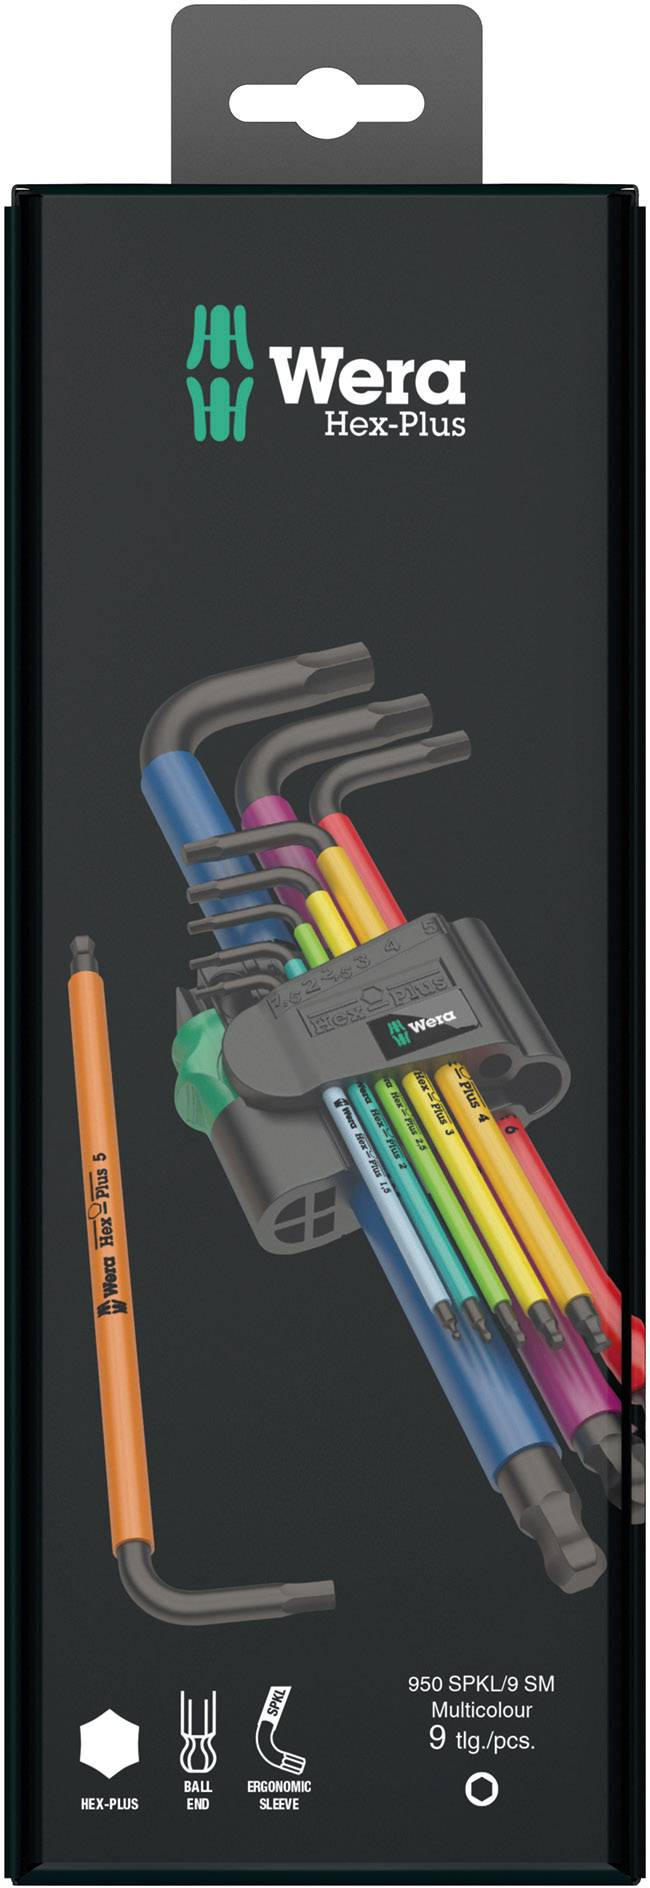 Sada zahnutých kľúčov Wera 950 SPKL/9 SM N Multicolour 05073593001, 9-dielna